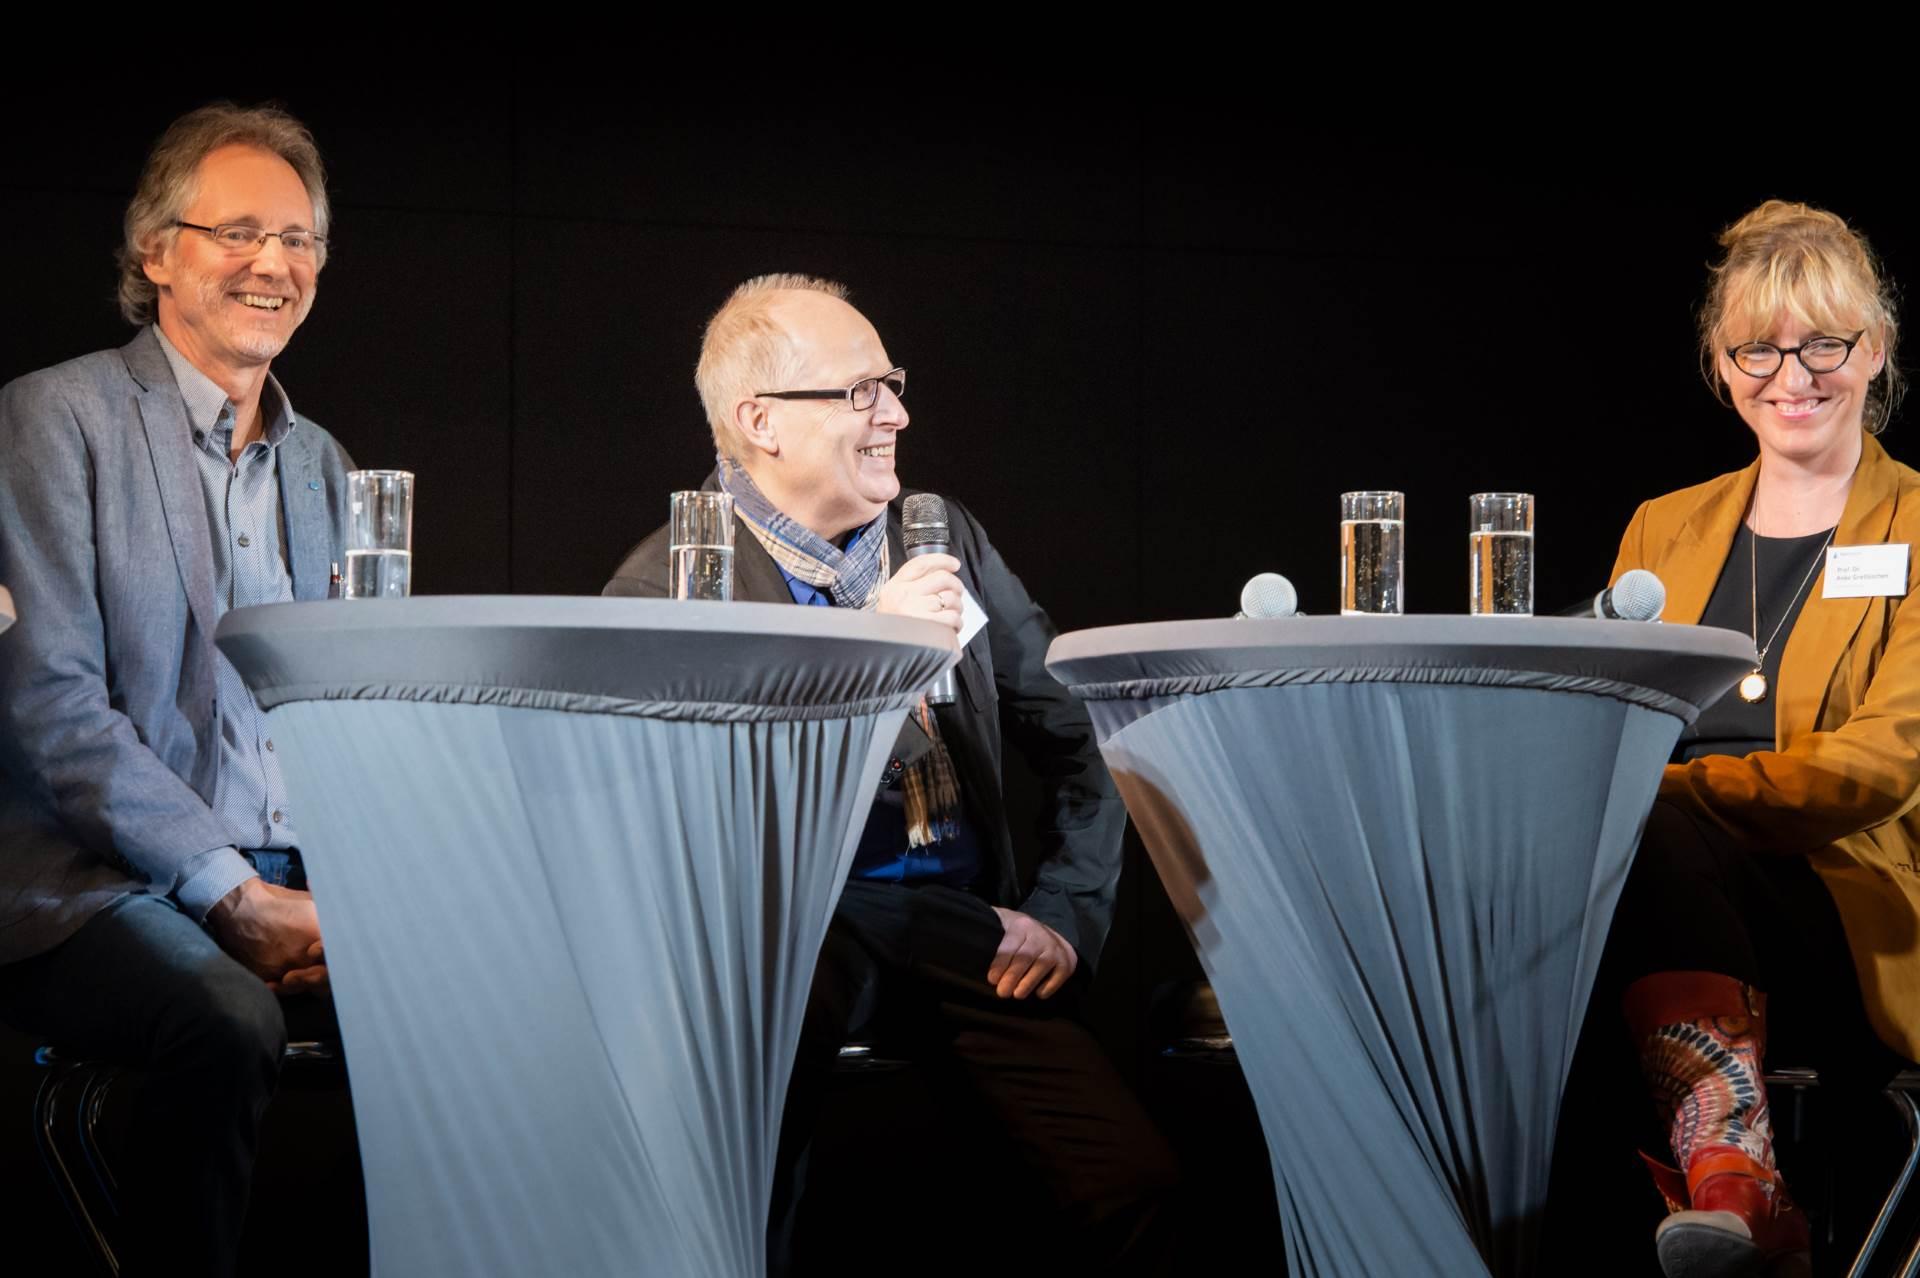 Foto von li.: Achim Scholz, Ernst Lorenzen, Prof. Dr. Anke Grotlüschen beim Tischgespräch der AlphaDekade © BMBF/ Scherm